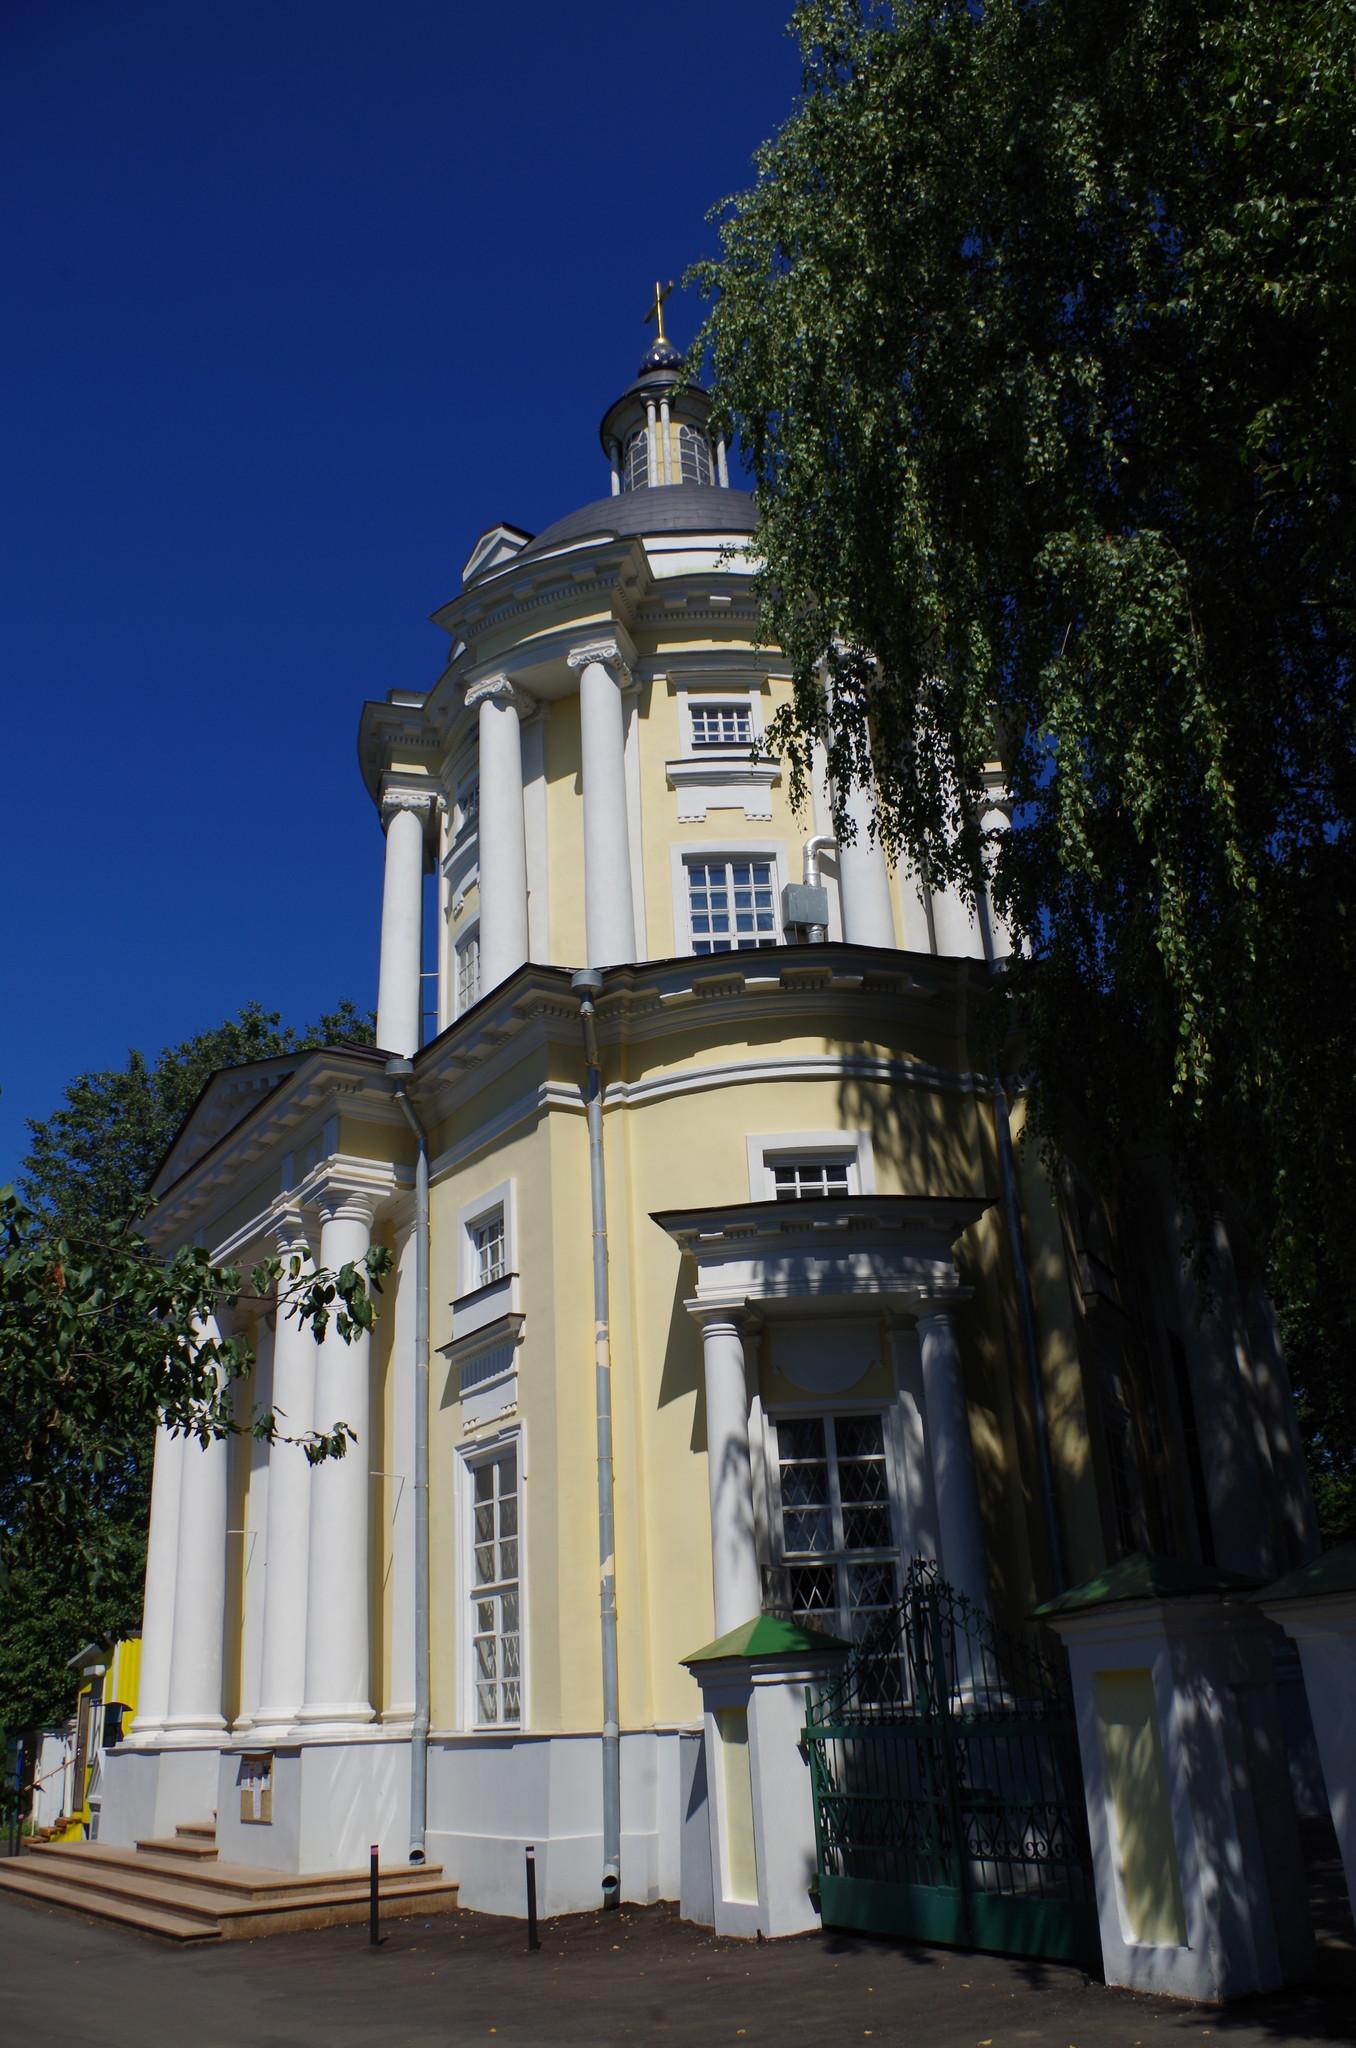 Храм Владимирской иконы Божией Матери в Виноградове (Дмитровское шоссе, дом 170)